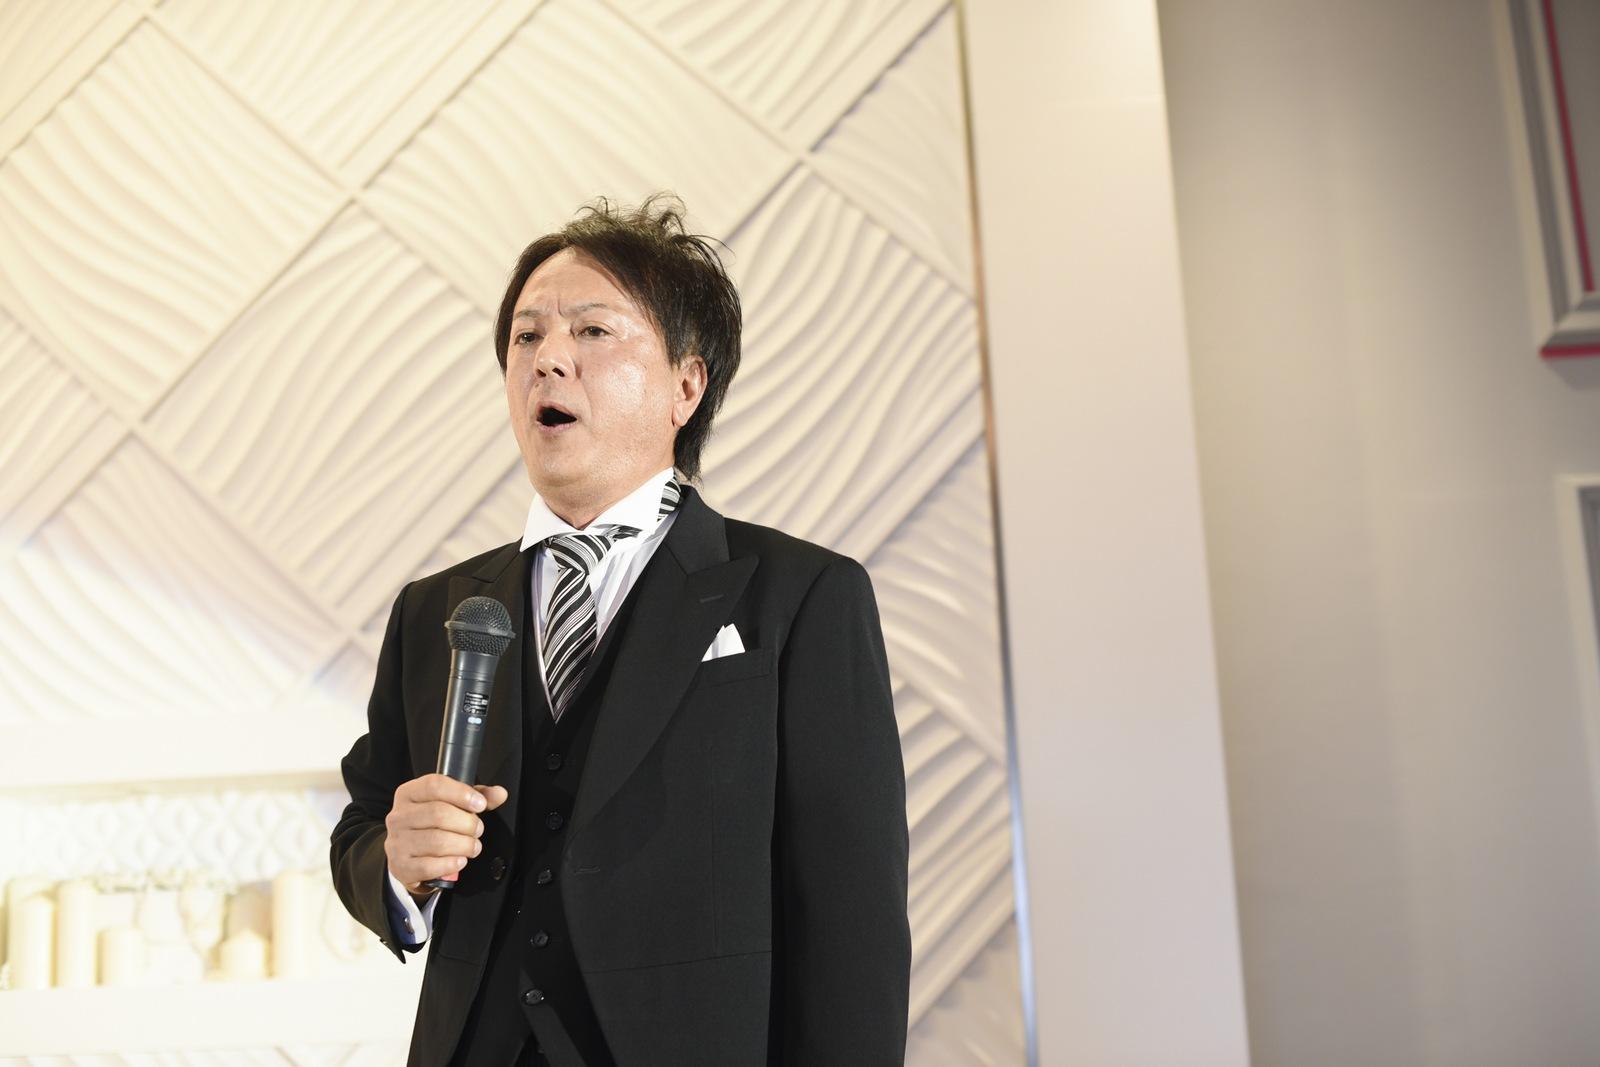 徳島市の結婚式場ブランアンジュでお父様が歌の披露